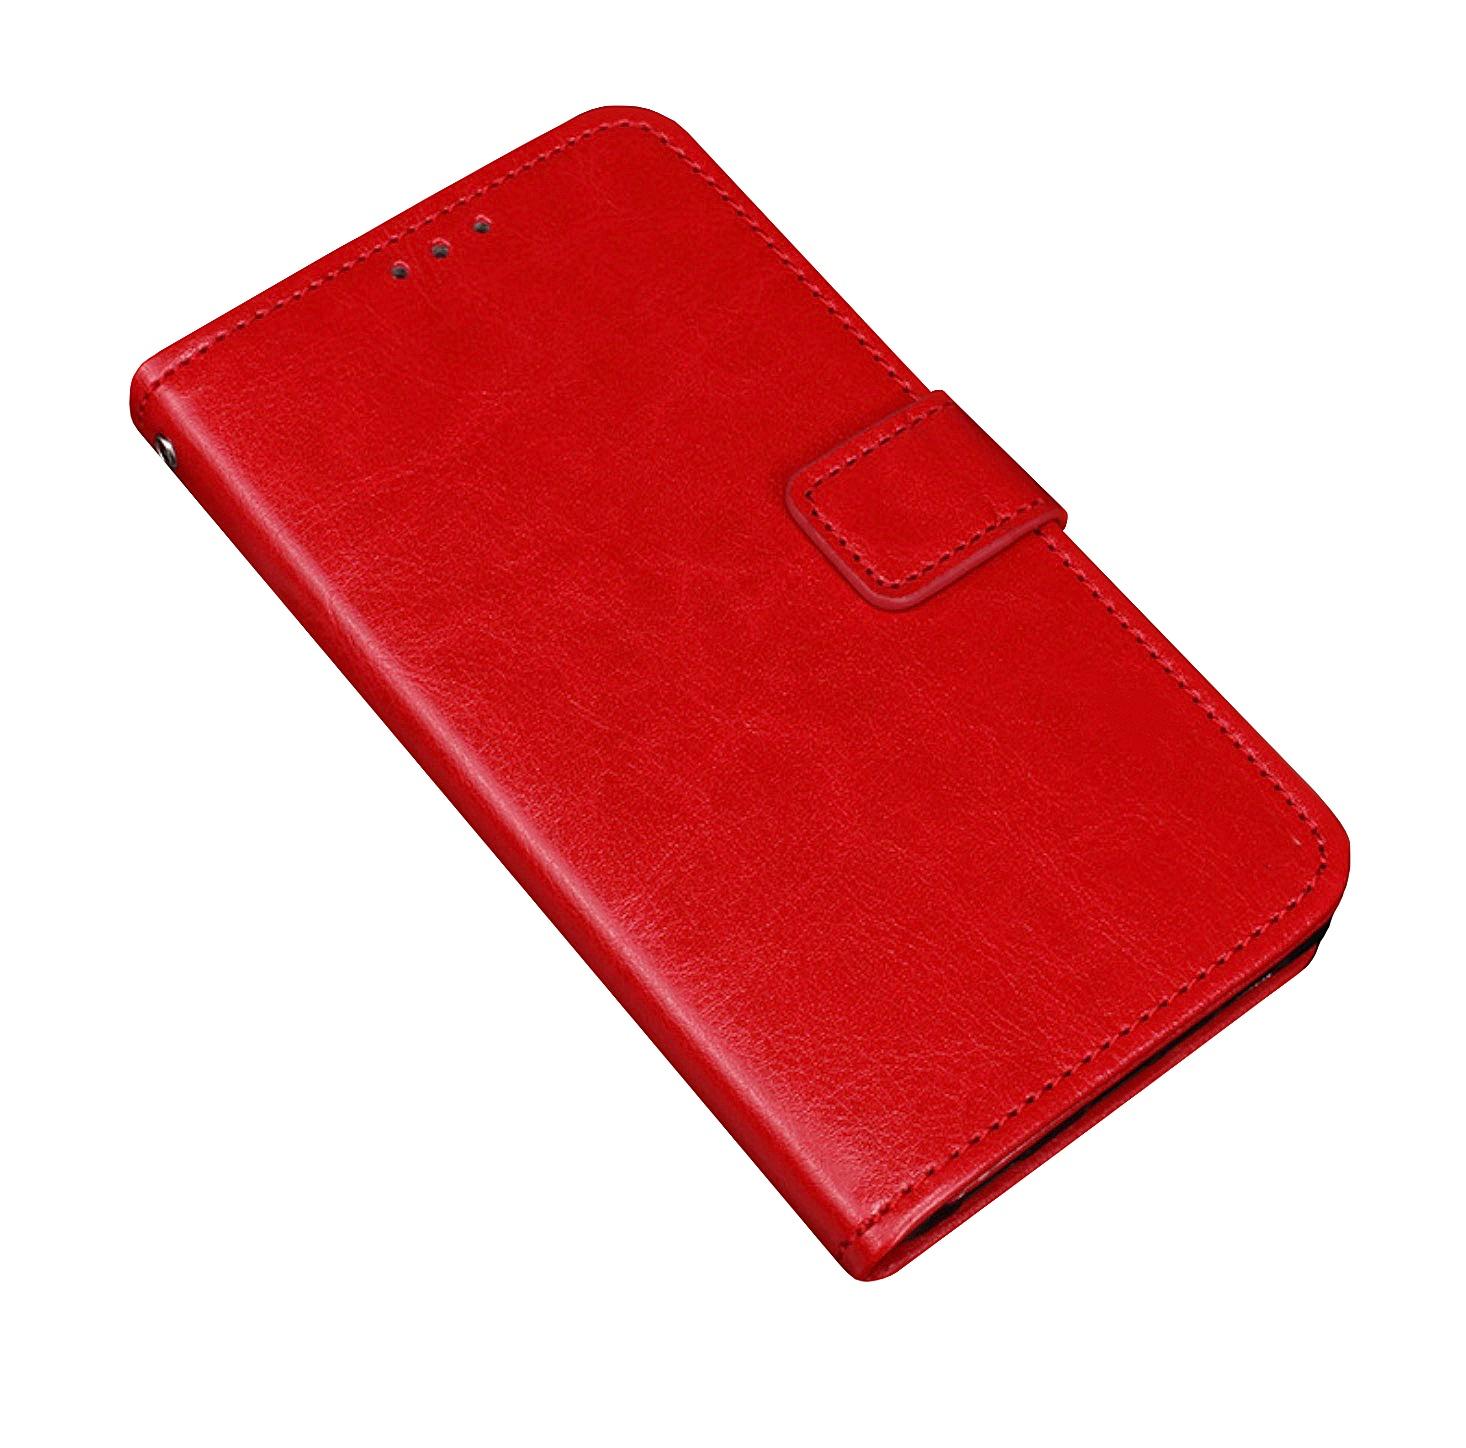 Фирменный премиальный элитный чехол-книжка из качественной импортной кожи с мульти-подставкой застёжкой и визитницей для Samsung Galaxy A7 (2017) SM-A720F 5.7 Ретро красный MyPads